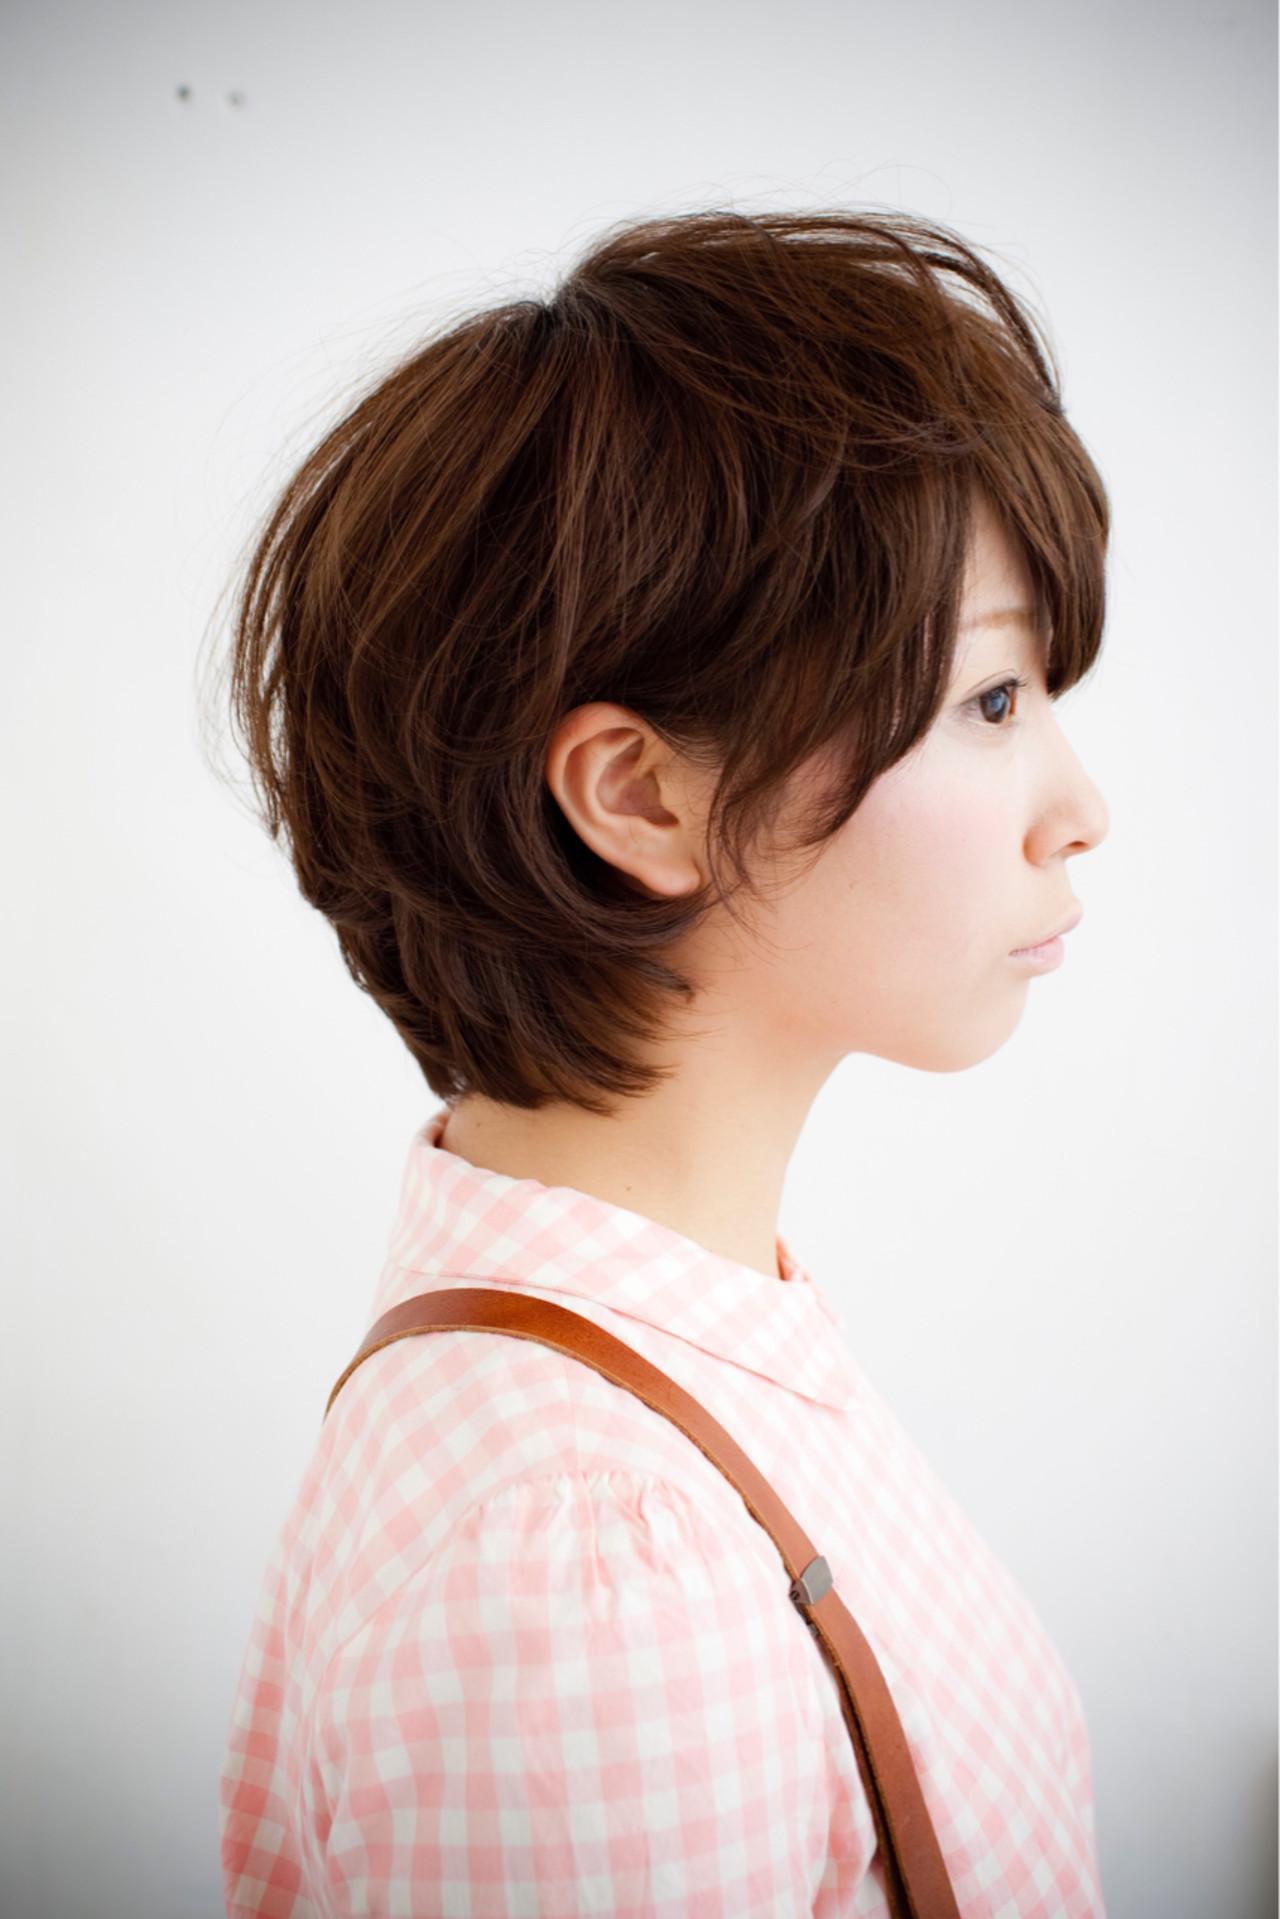 パーマ アッシュベージュ ショートボブ リラックス ヘアスタイルや髪型の写真・画像